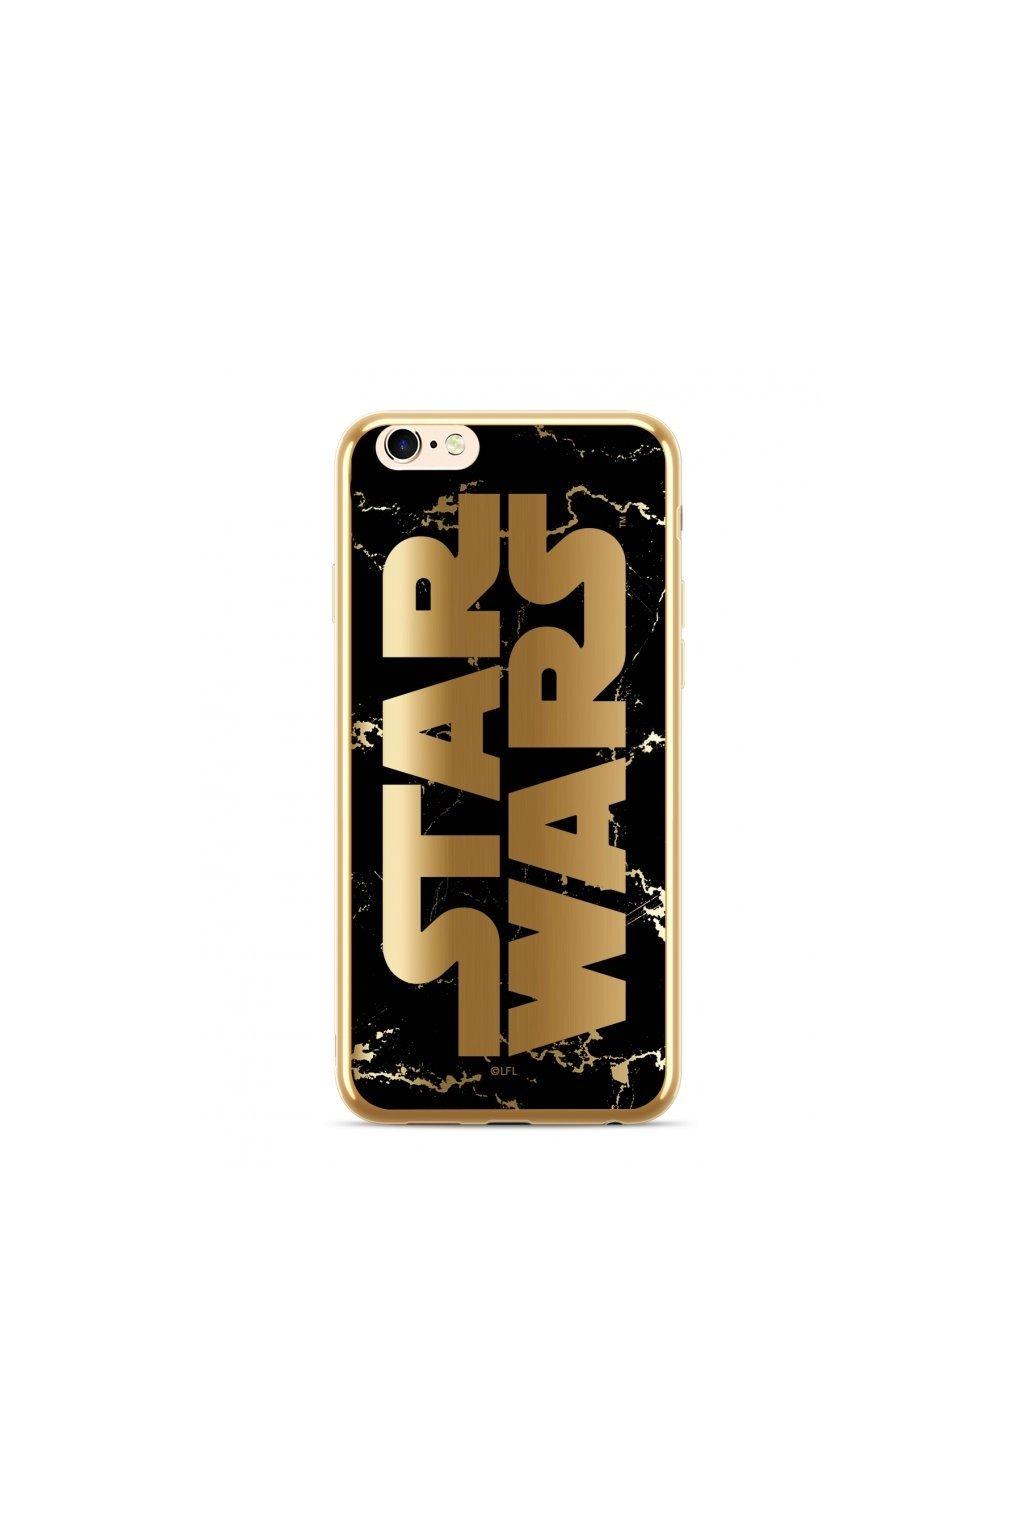 2369 star wars kryt pro iphone 6 7 8 plus